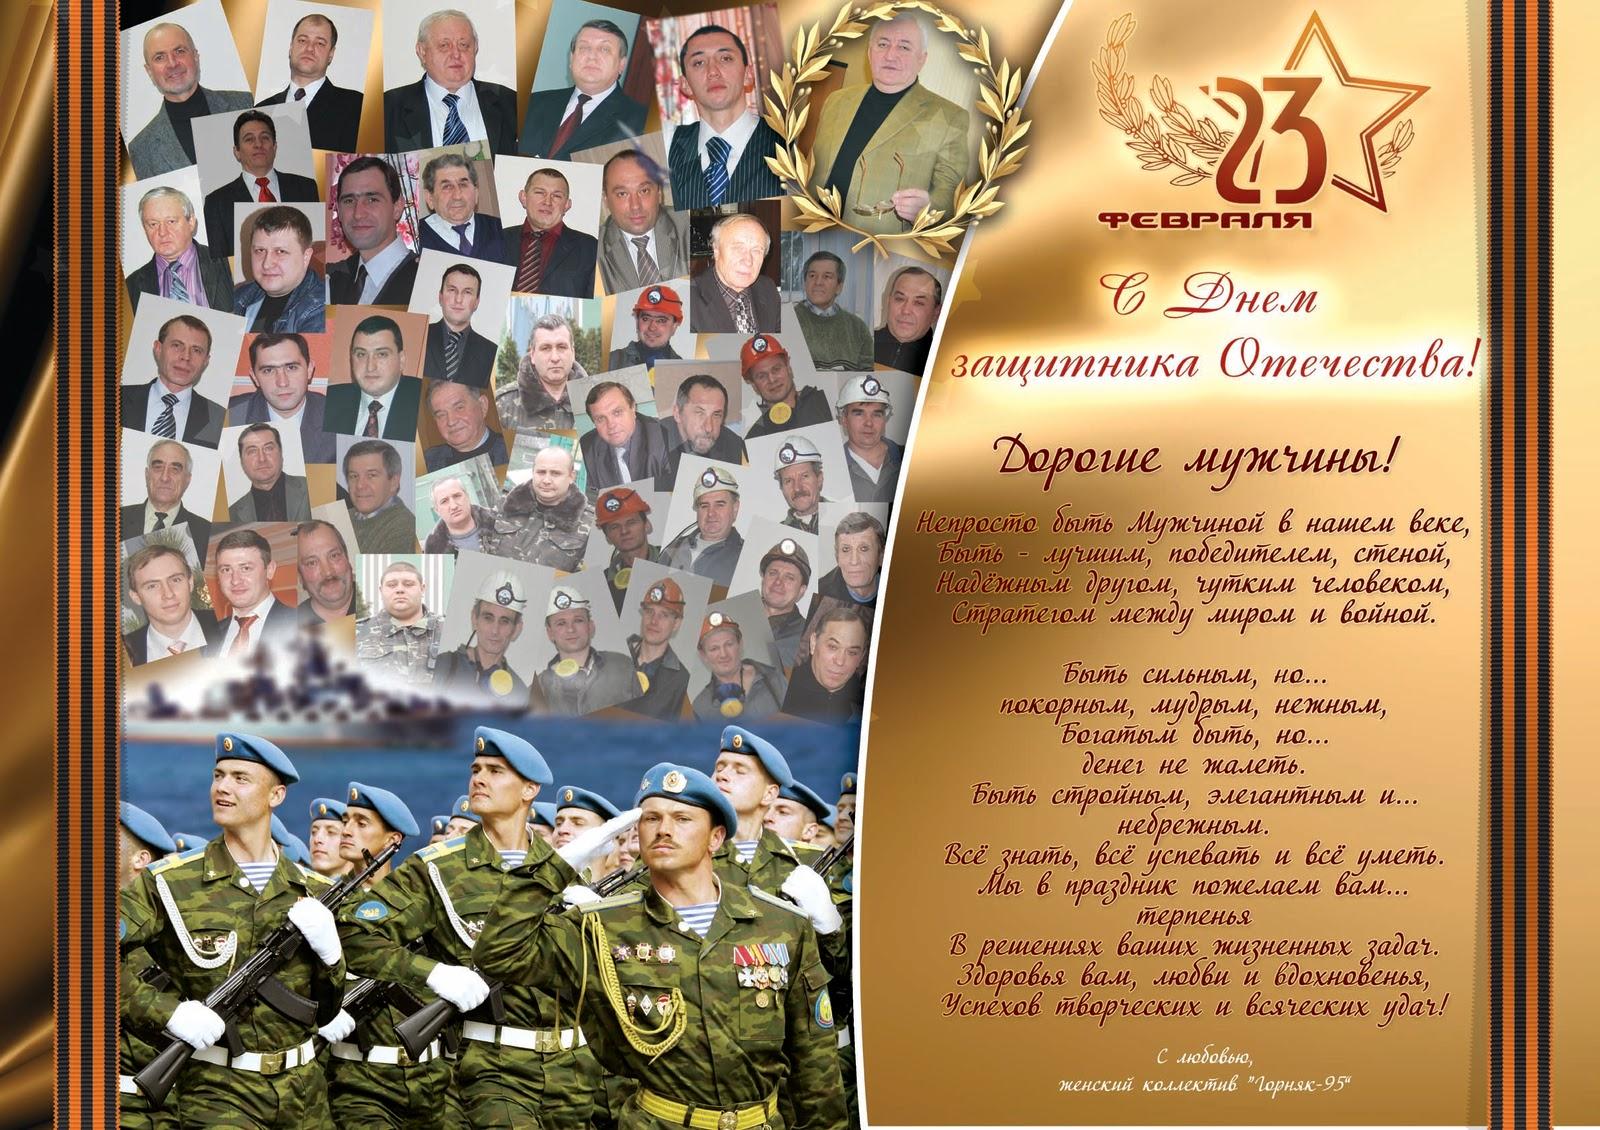 Варианты плакатов поздравлений